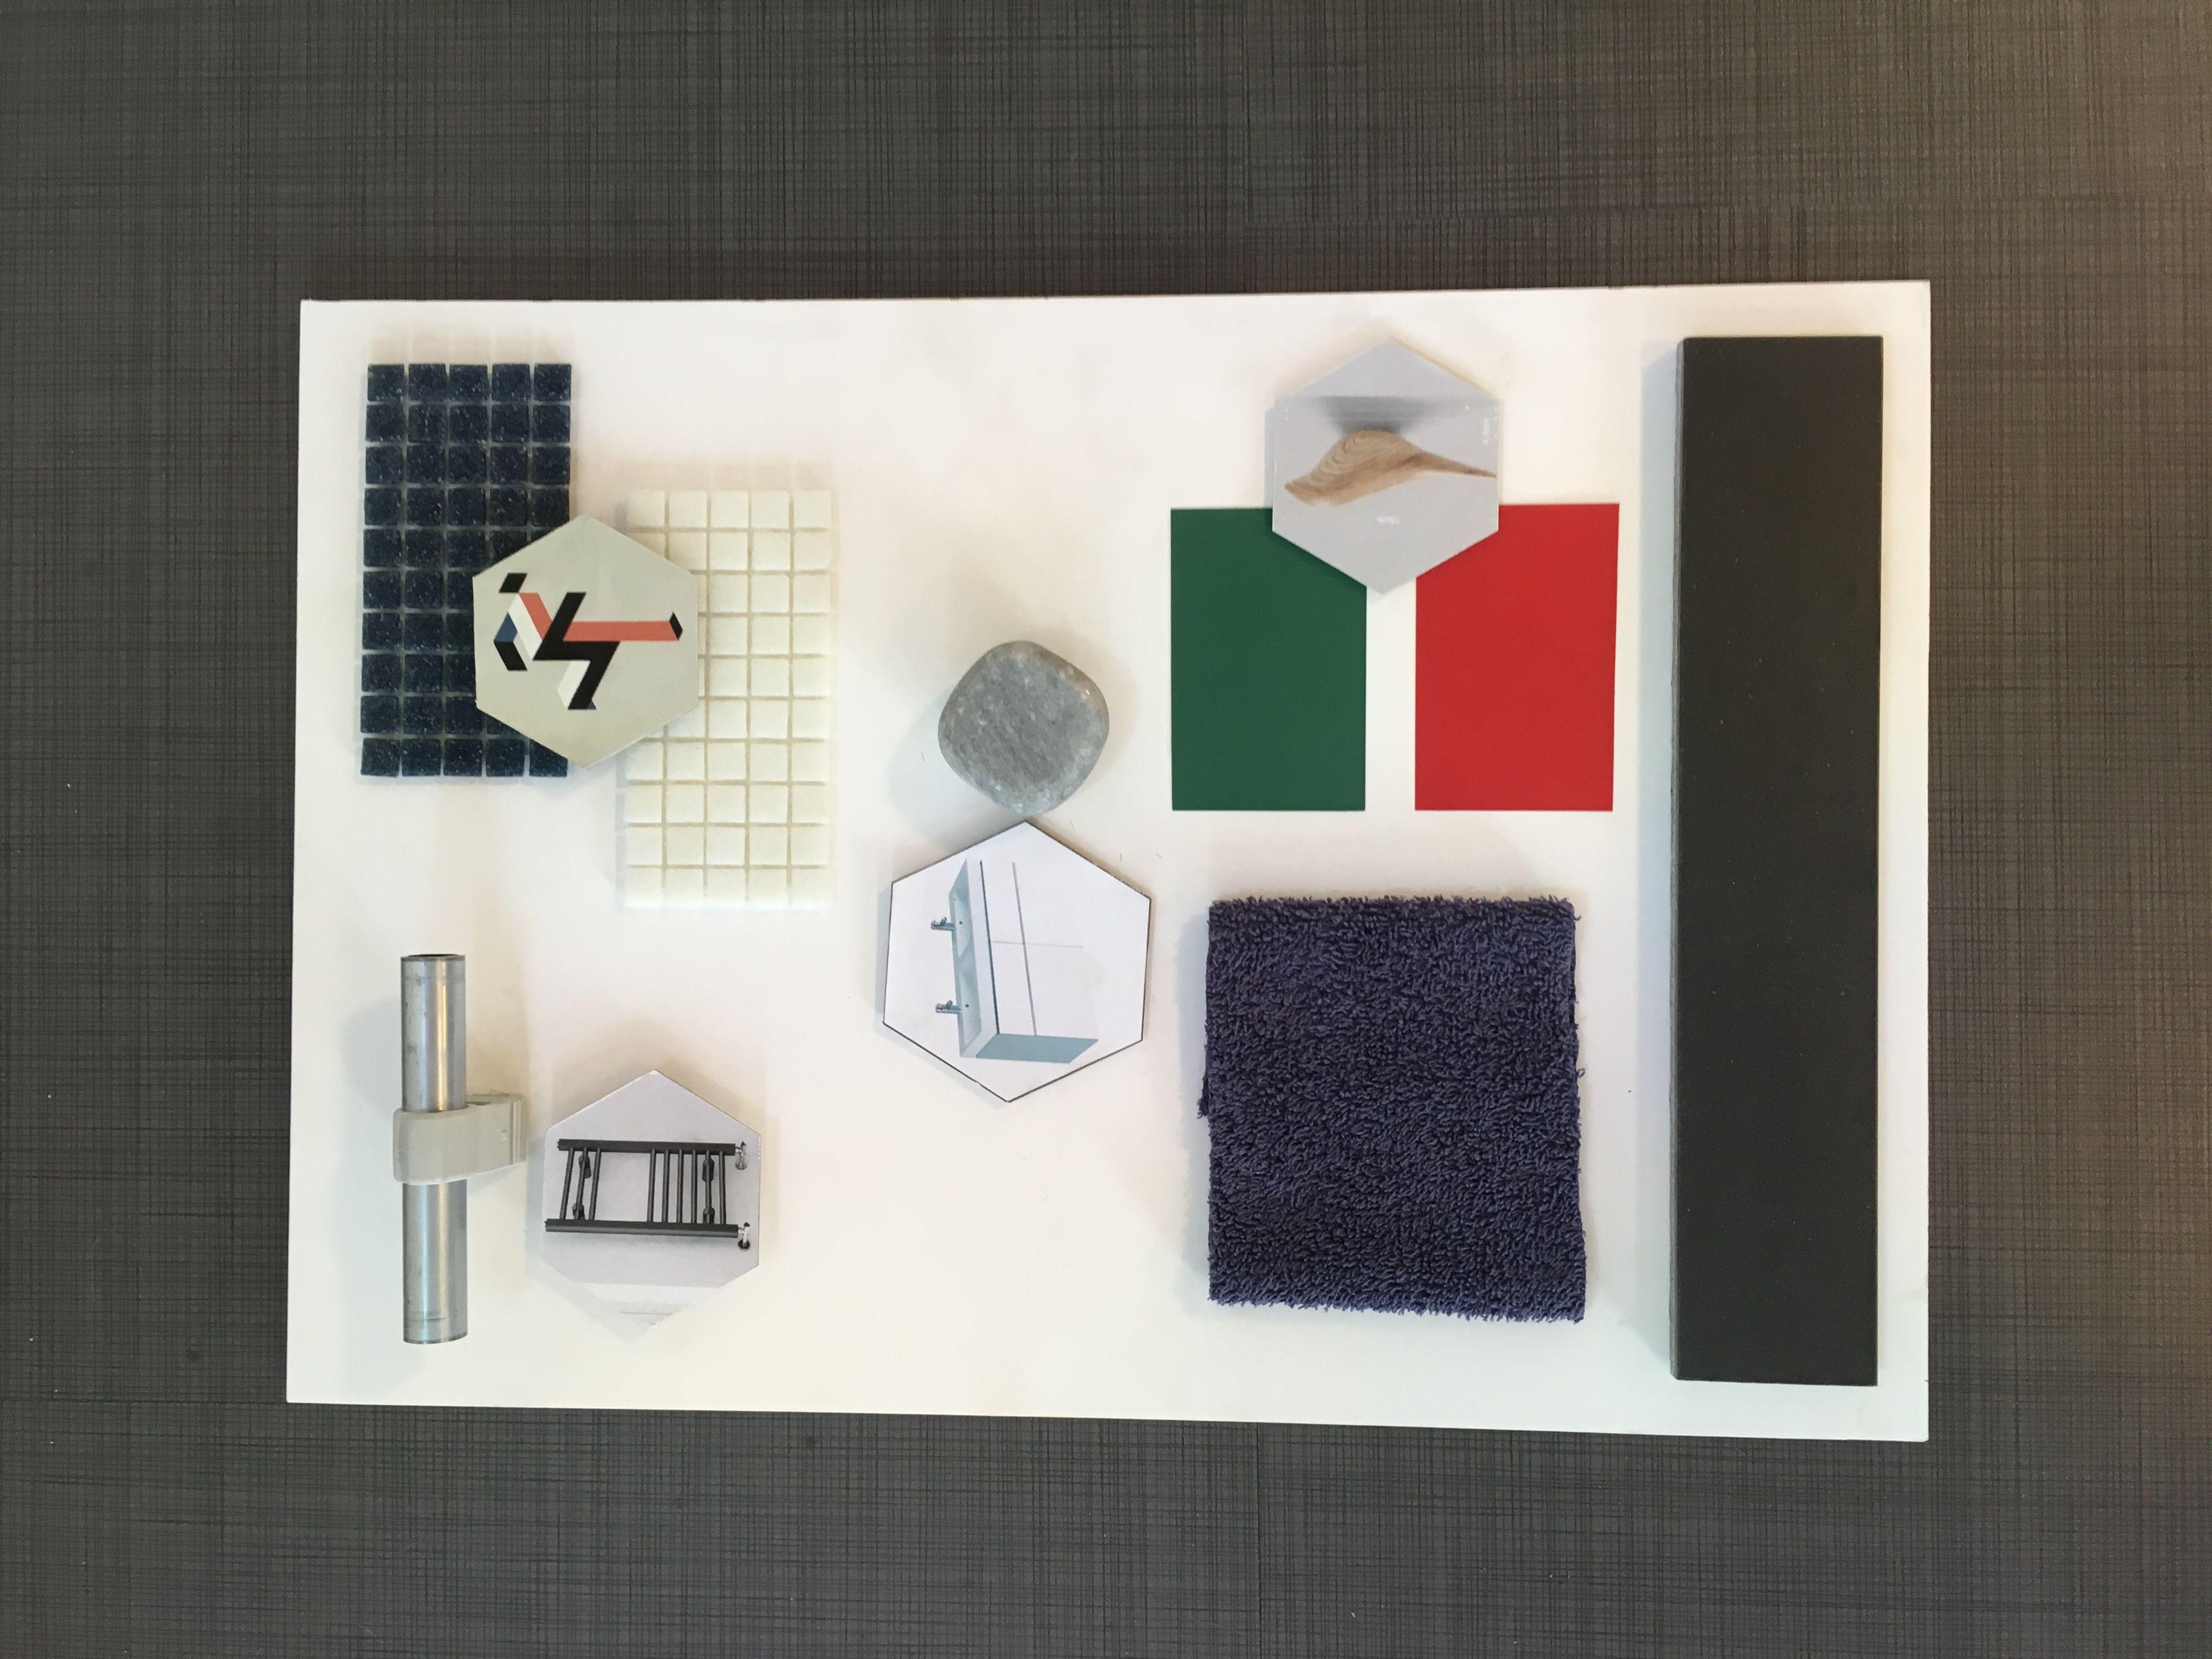 Lichtplan Voor Badkamer : Kleur materiaal product voorstel badkamer project tools